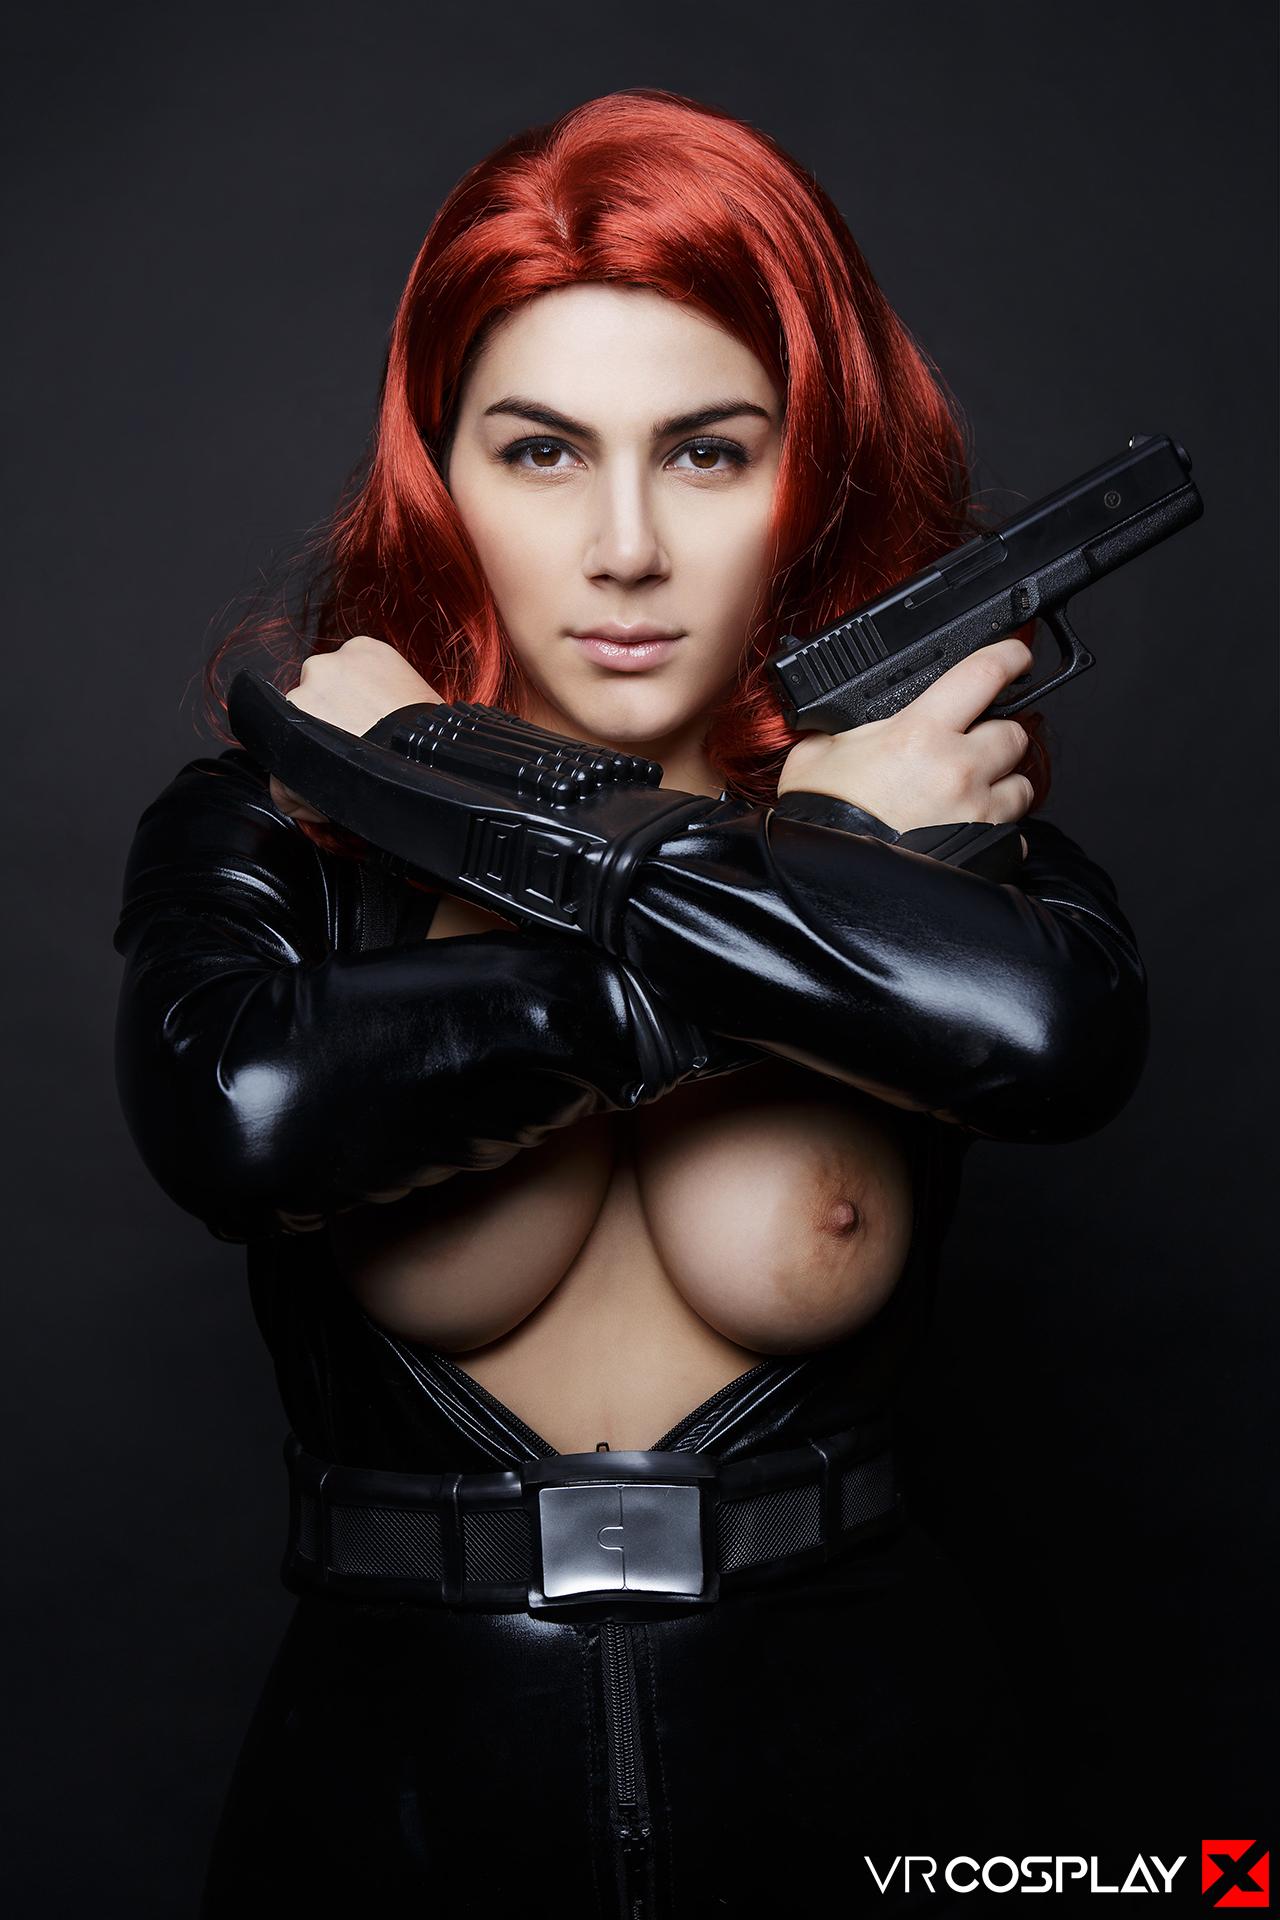 cosplay porn valentina nappi